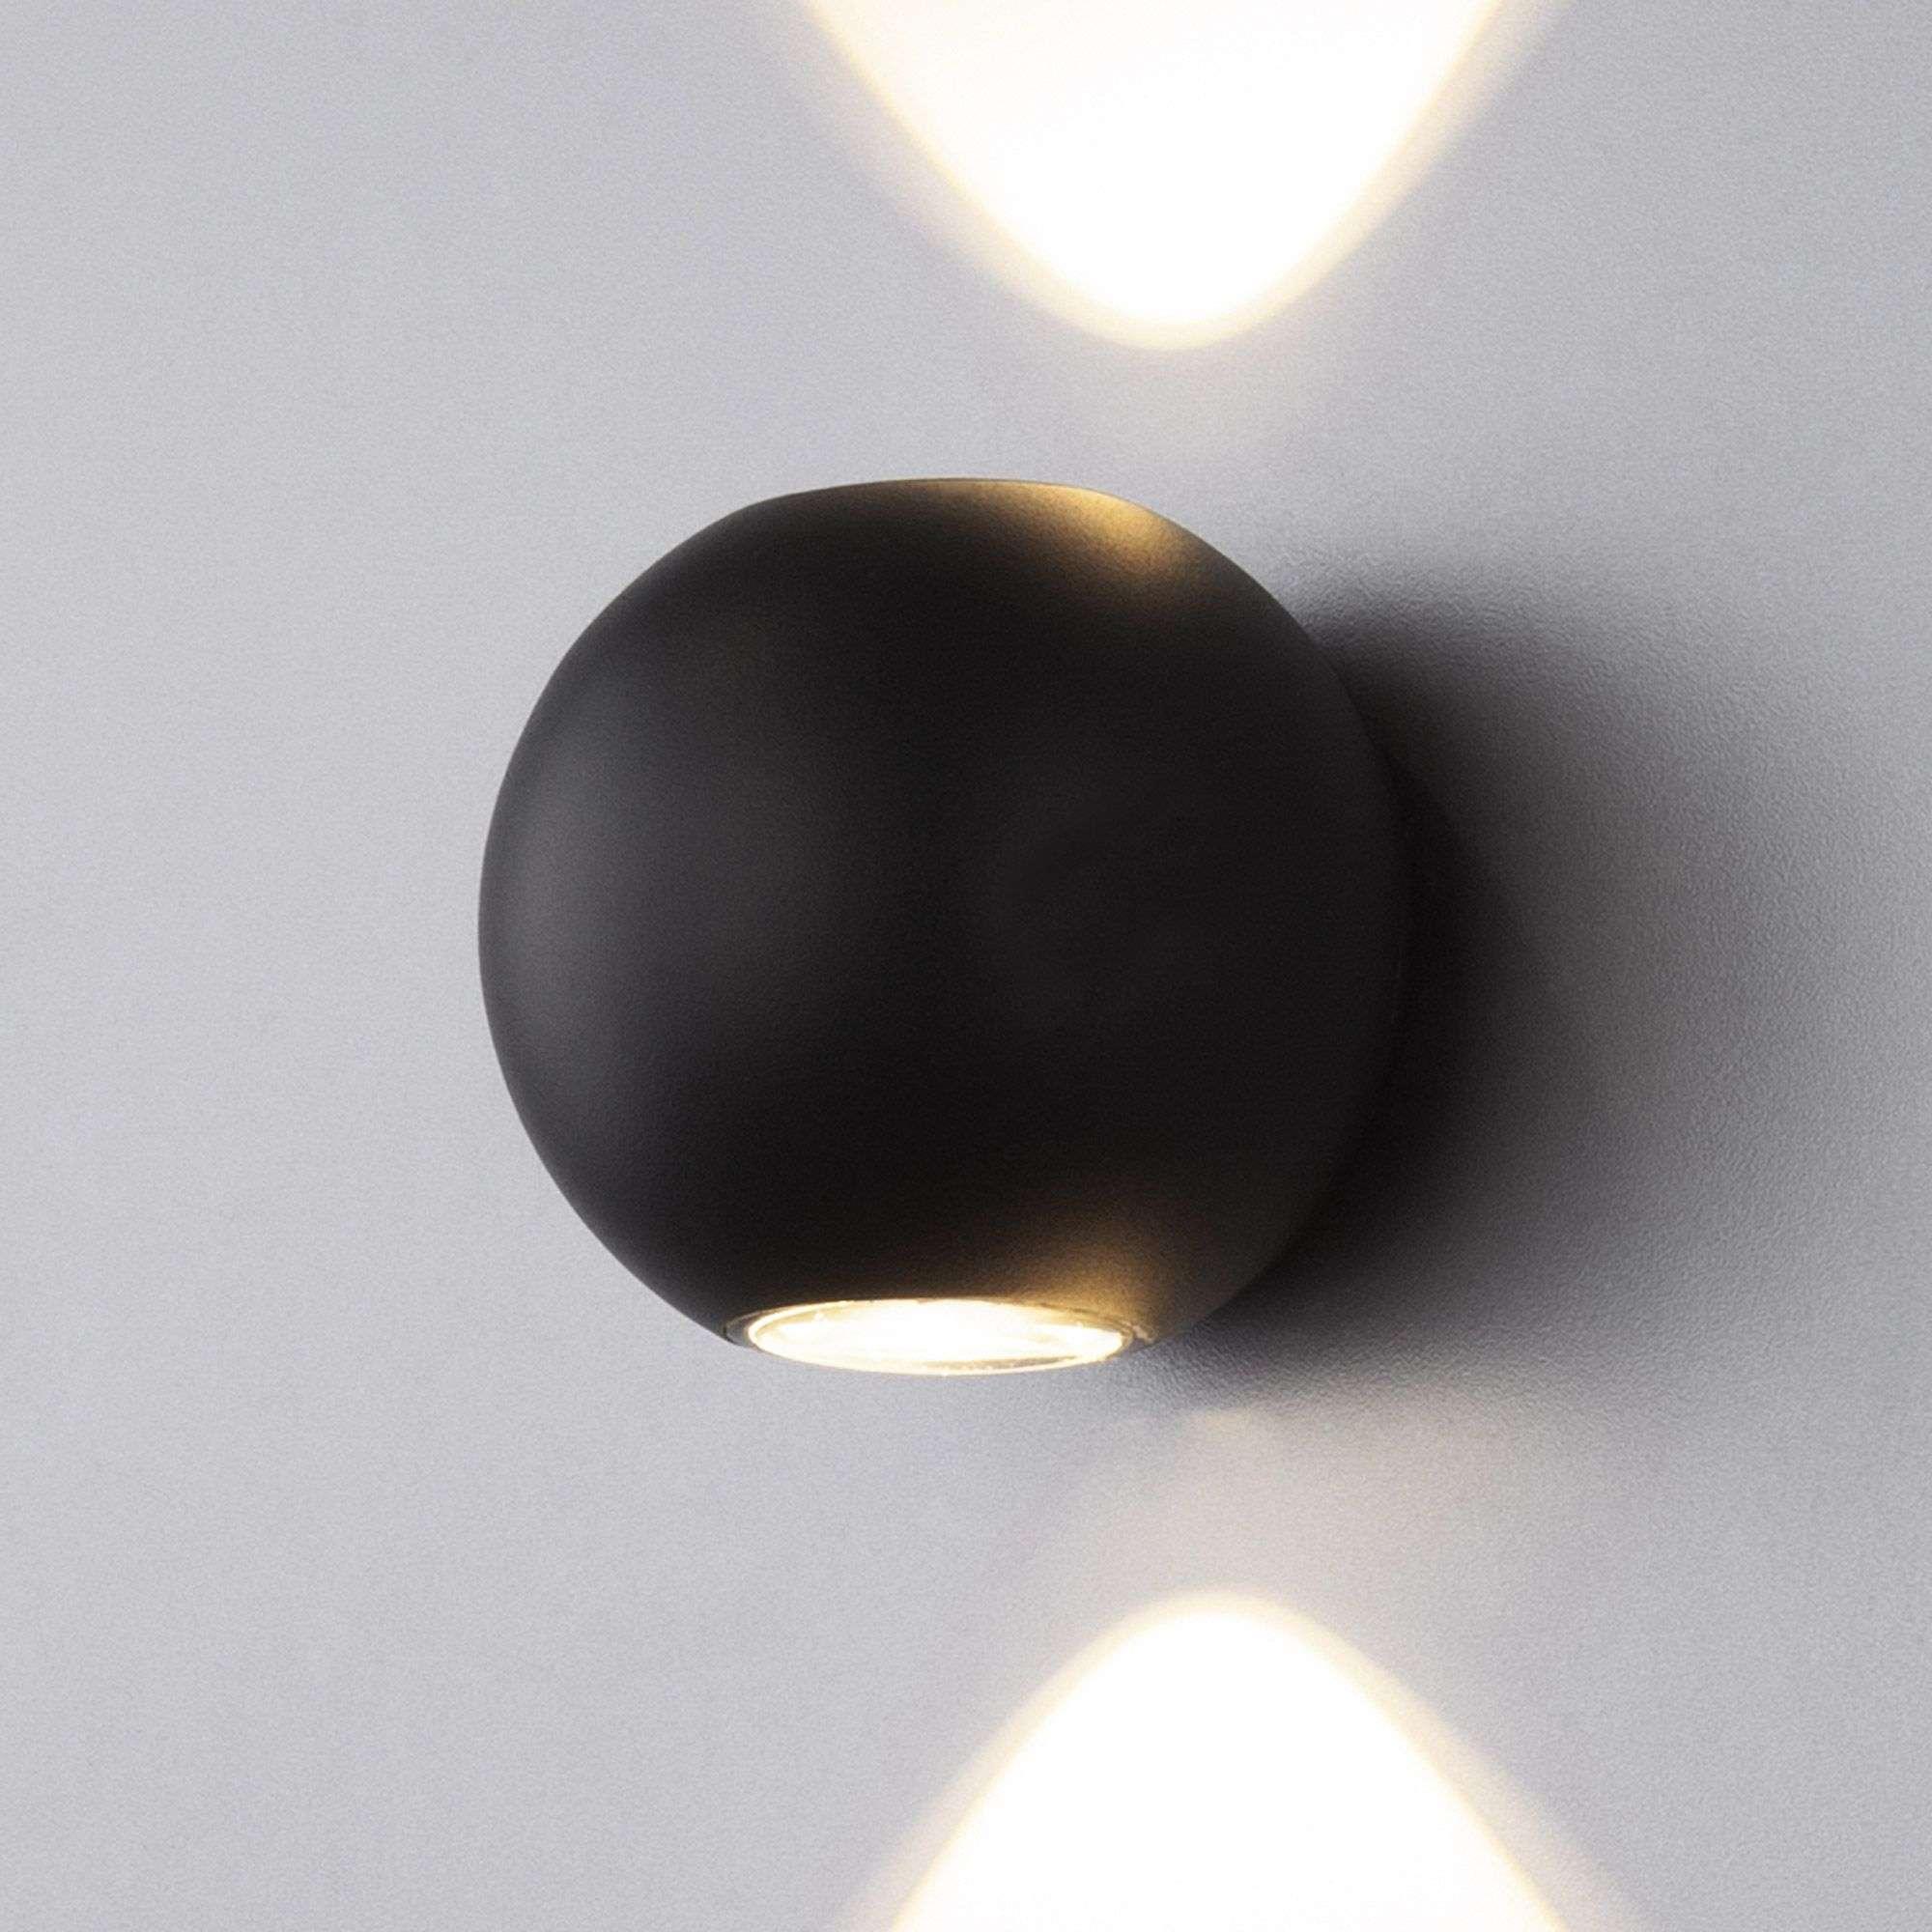 Пылевлагозащи<wbr>щенный светодиодный светильник Diver черный IP54 1566 Techno LED черный